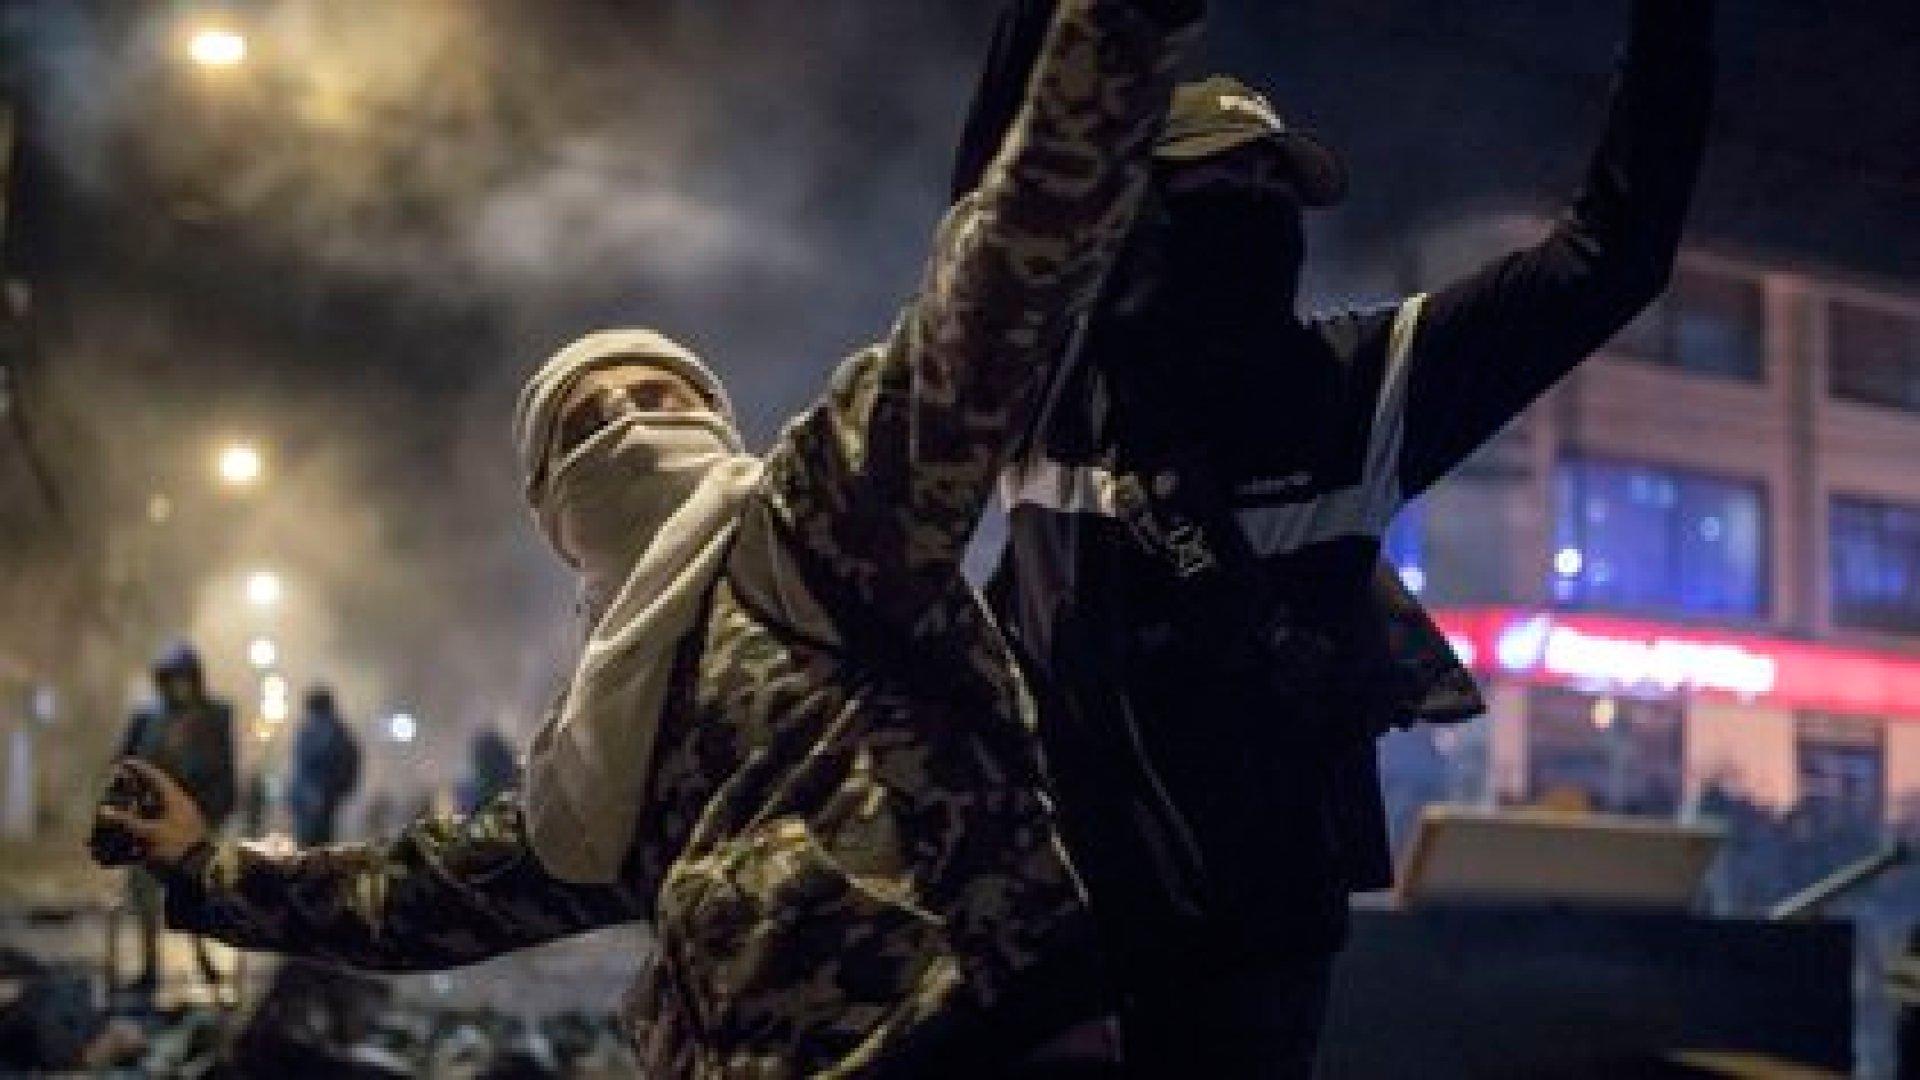 Un manifestante con la cara oculta lanza proyectiles a un cuerpo policial en Bogotá (AP Photo/Ivan Valencia)